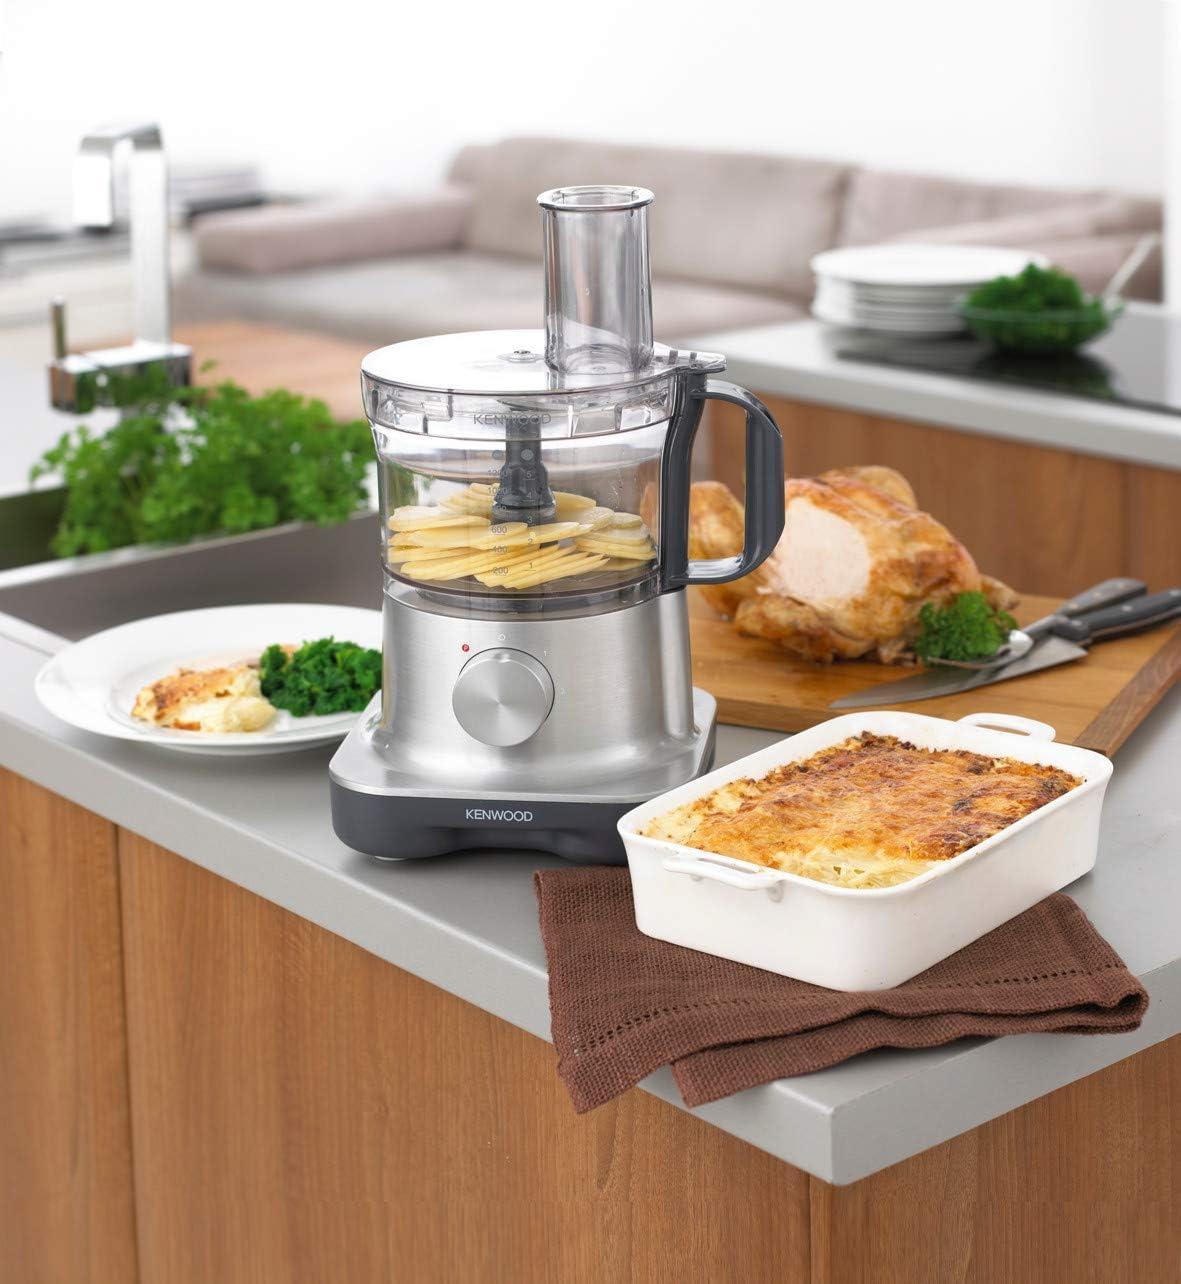 Kenwood FPM 250- Procesador de alimentos de aluminio 750W: Amazon.es: Hogar